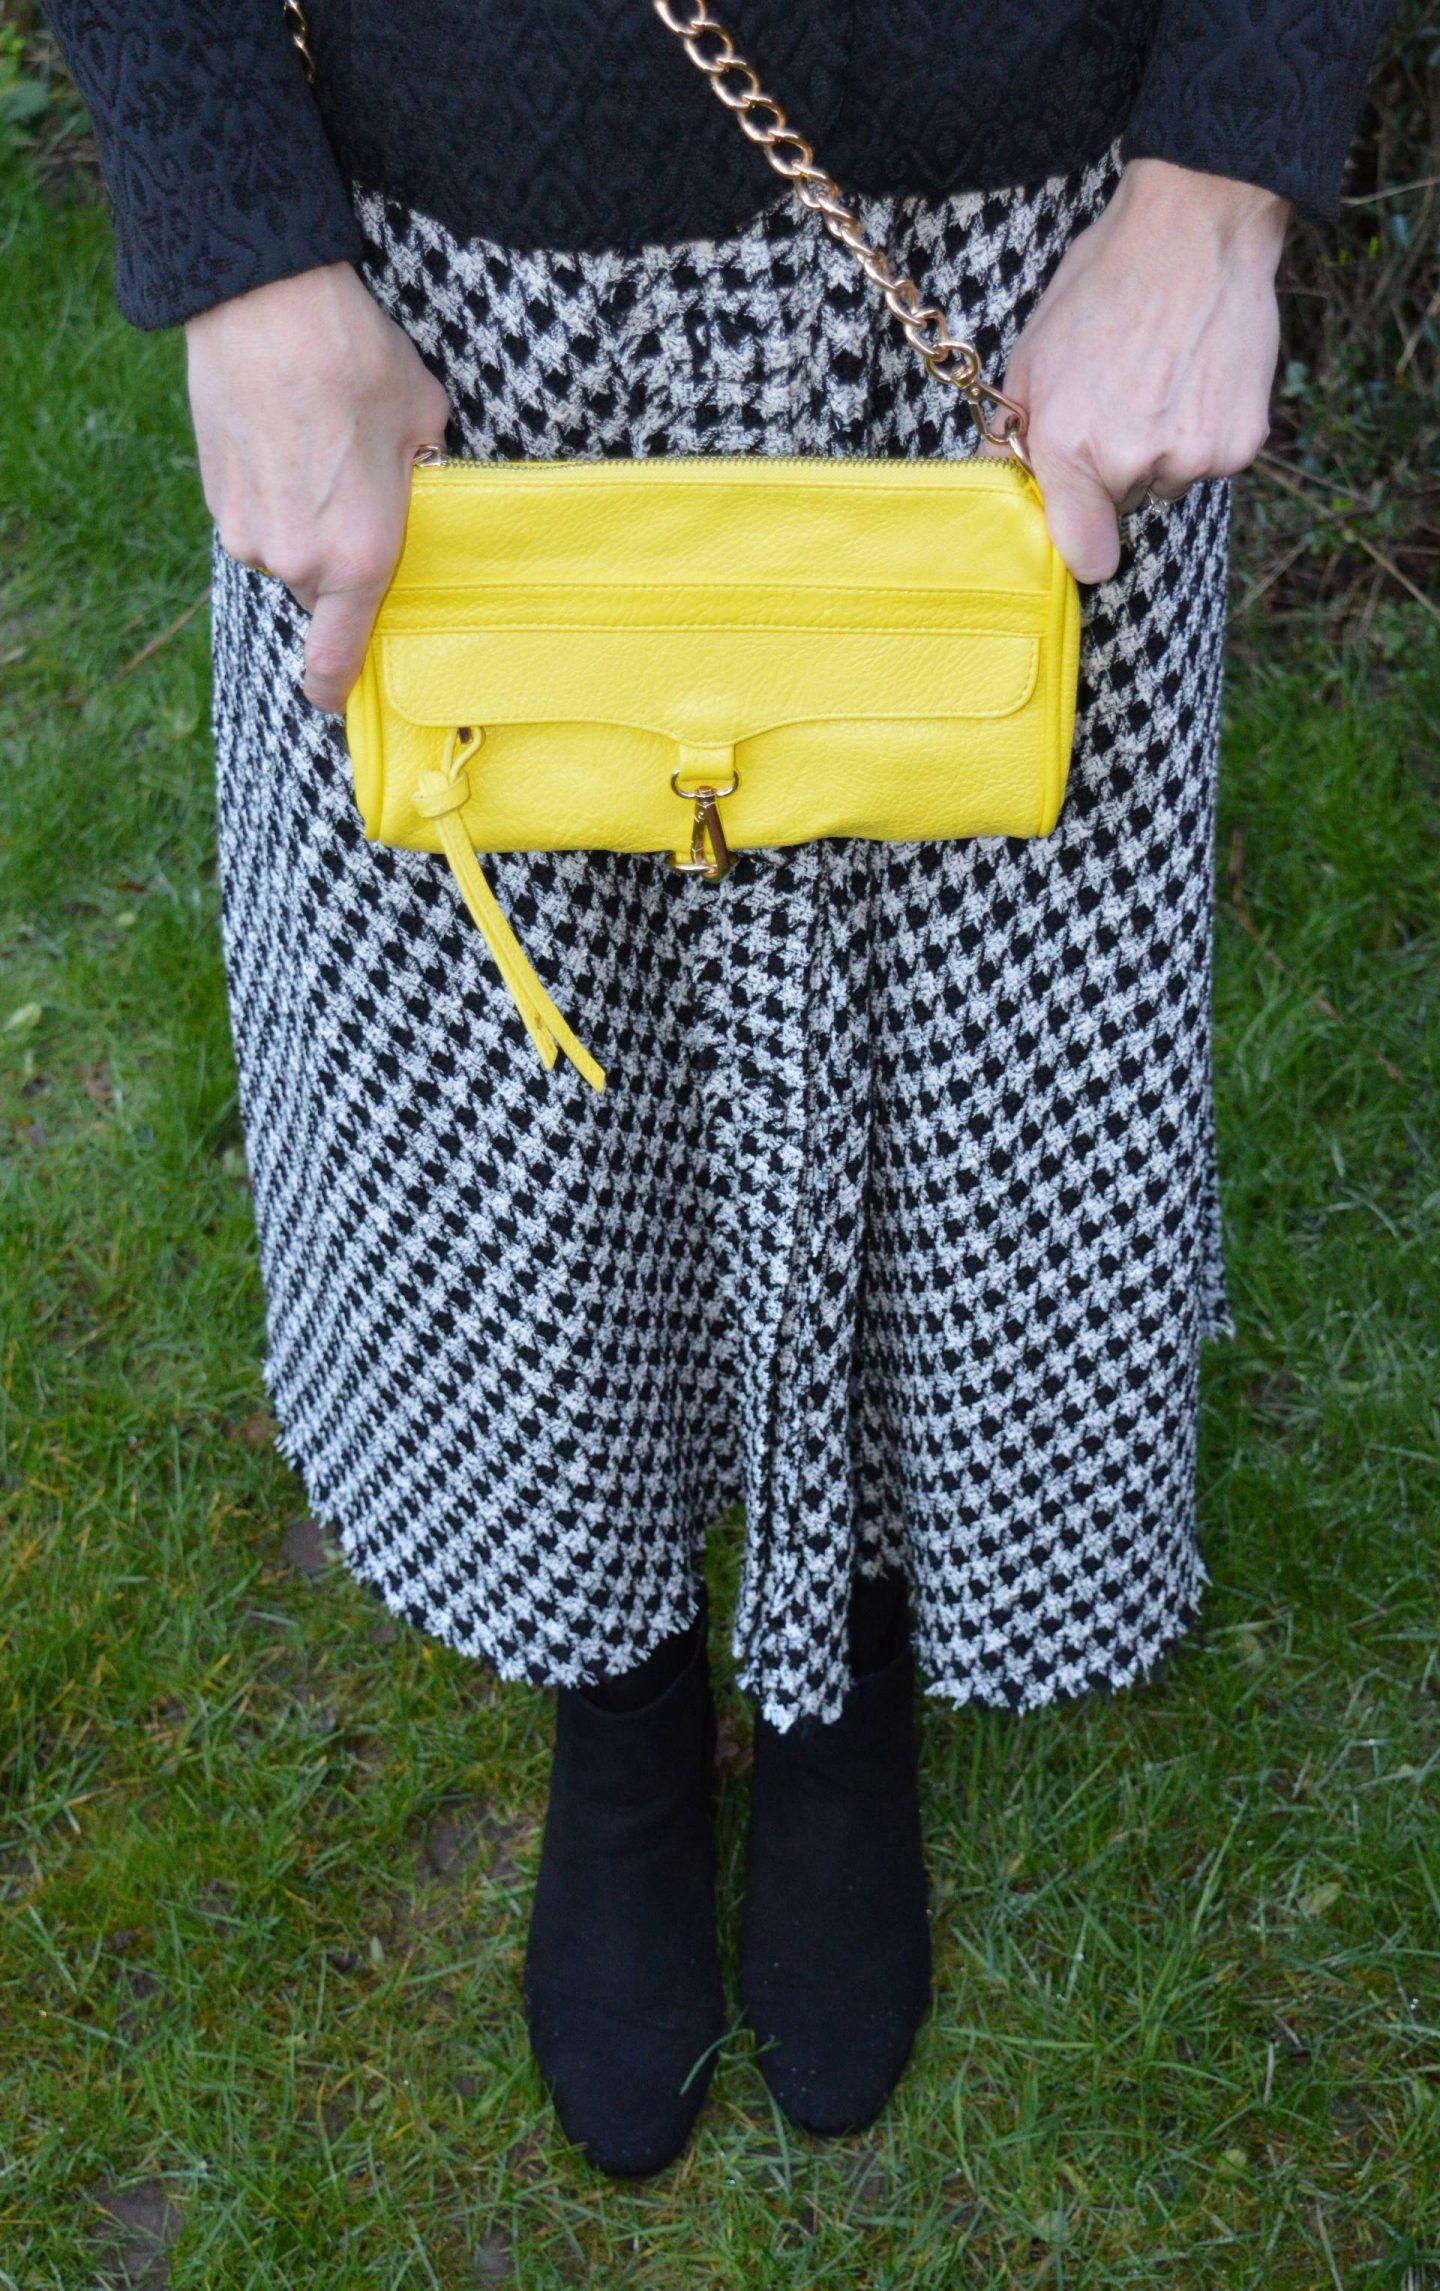 Zara black and white check skirt, bright yellow chain handle bag